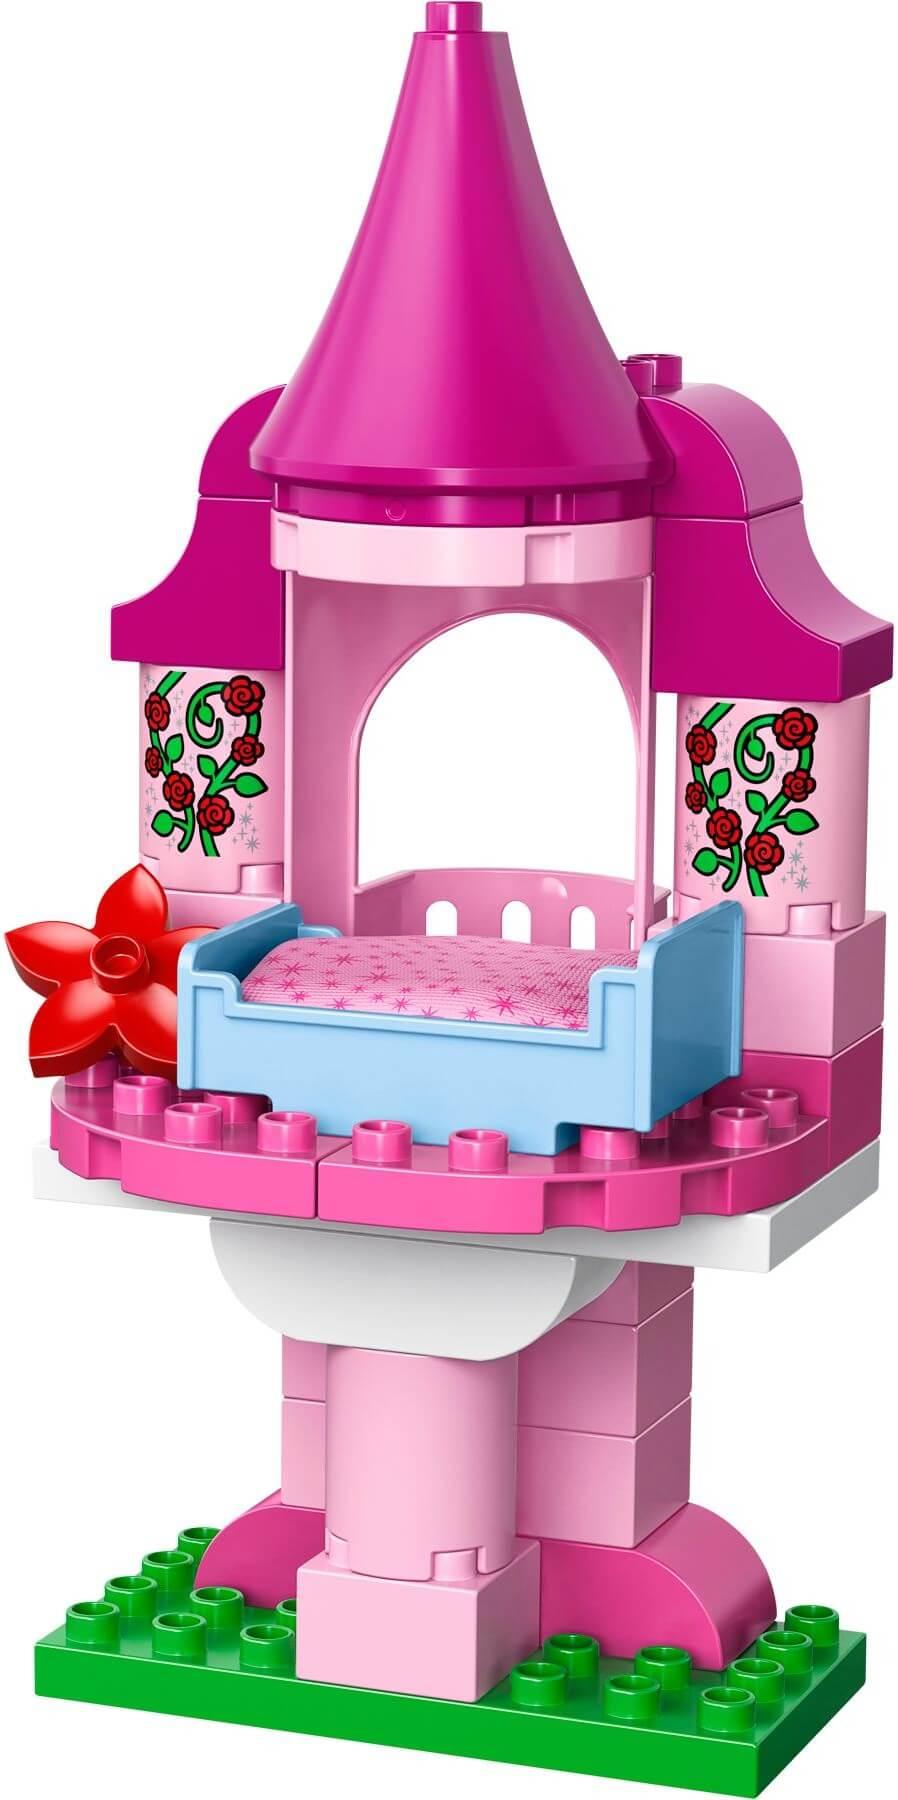 Mua đồ chơi LEGO 10542 - LEGO DUPLO 10542 - Lâu đài của nàng công chúa ngủ trong rừng (LEGO DUPLO Sleeping Beauty's Fairy Tale 10542)